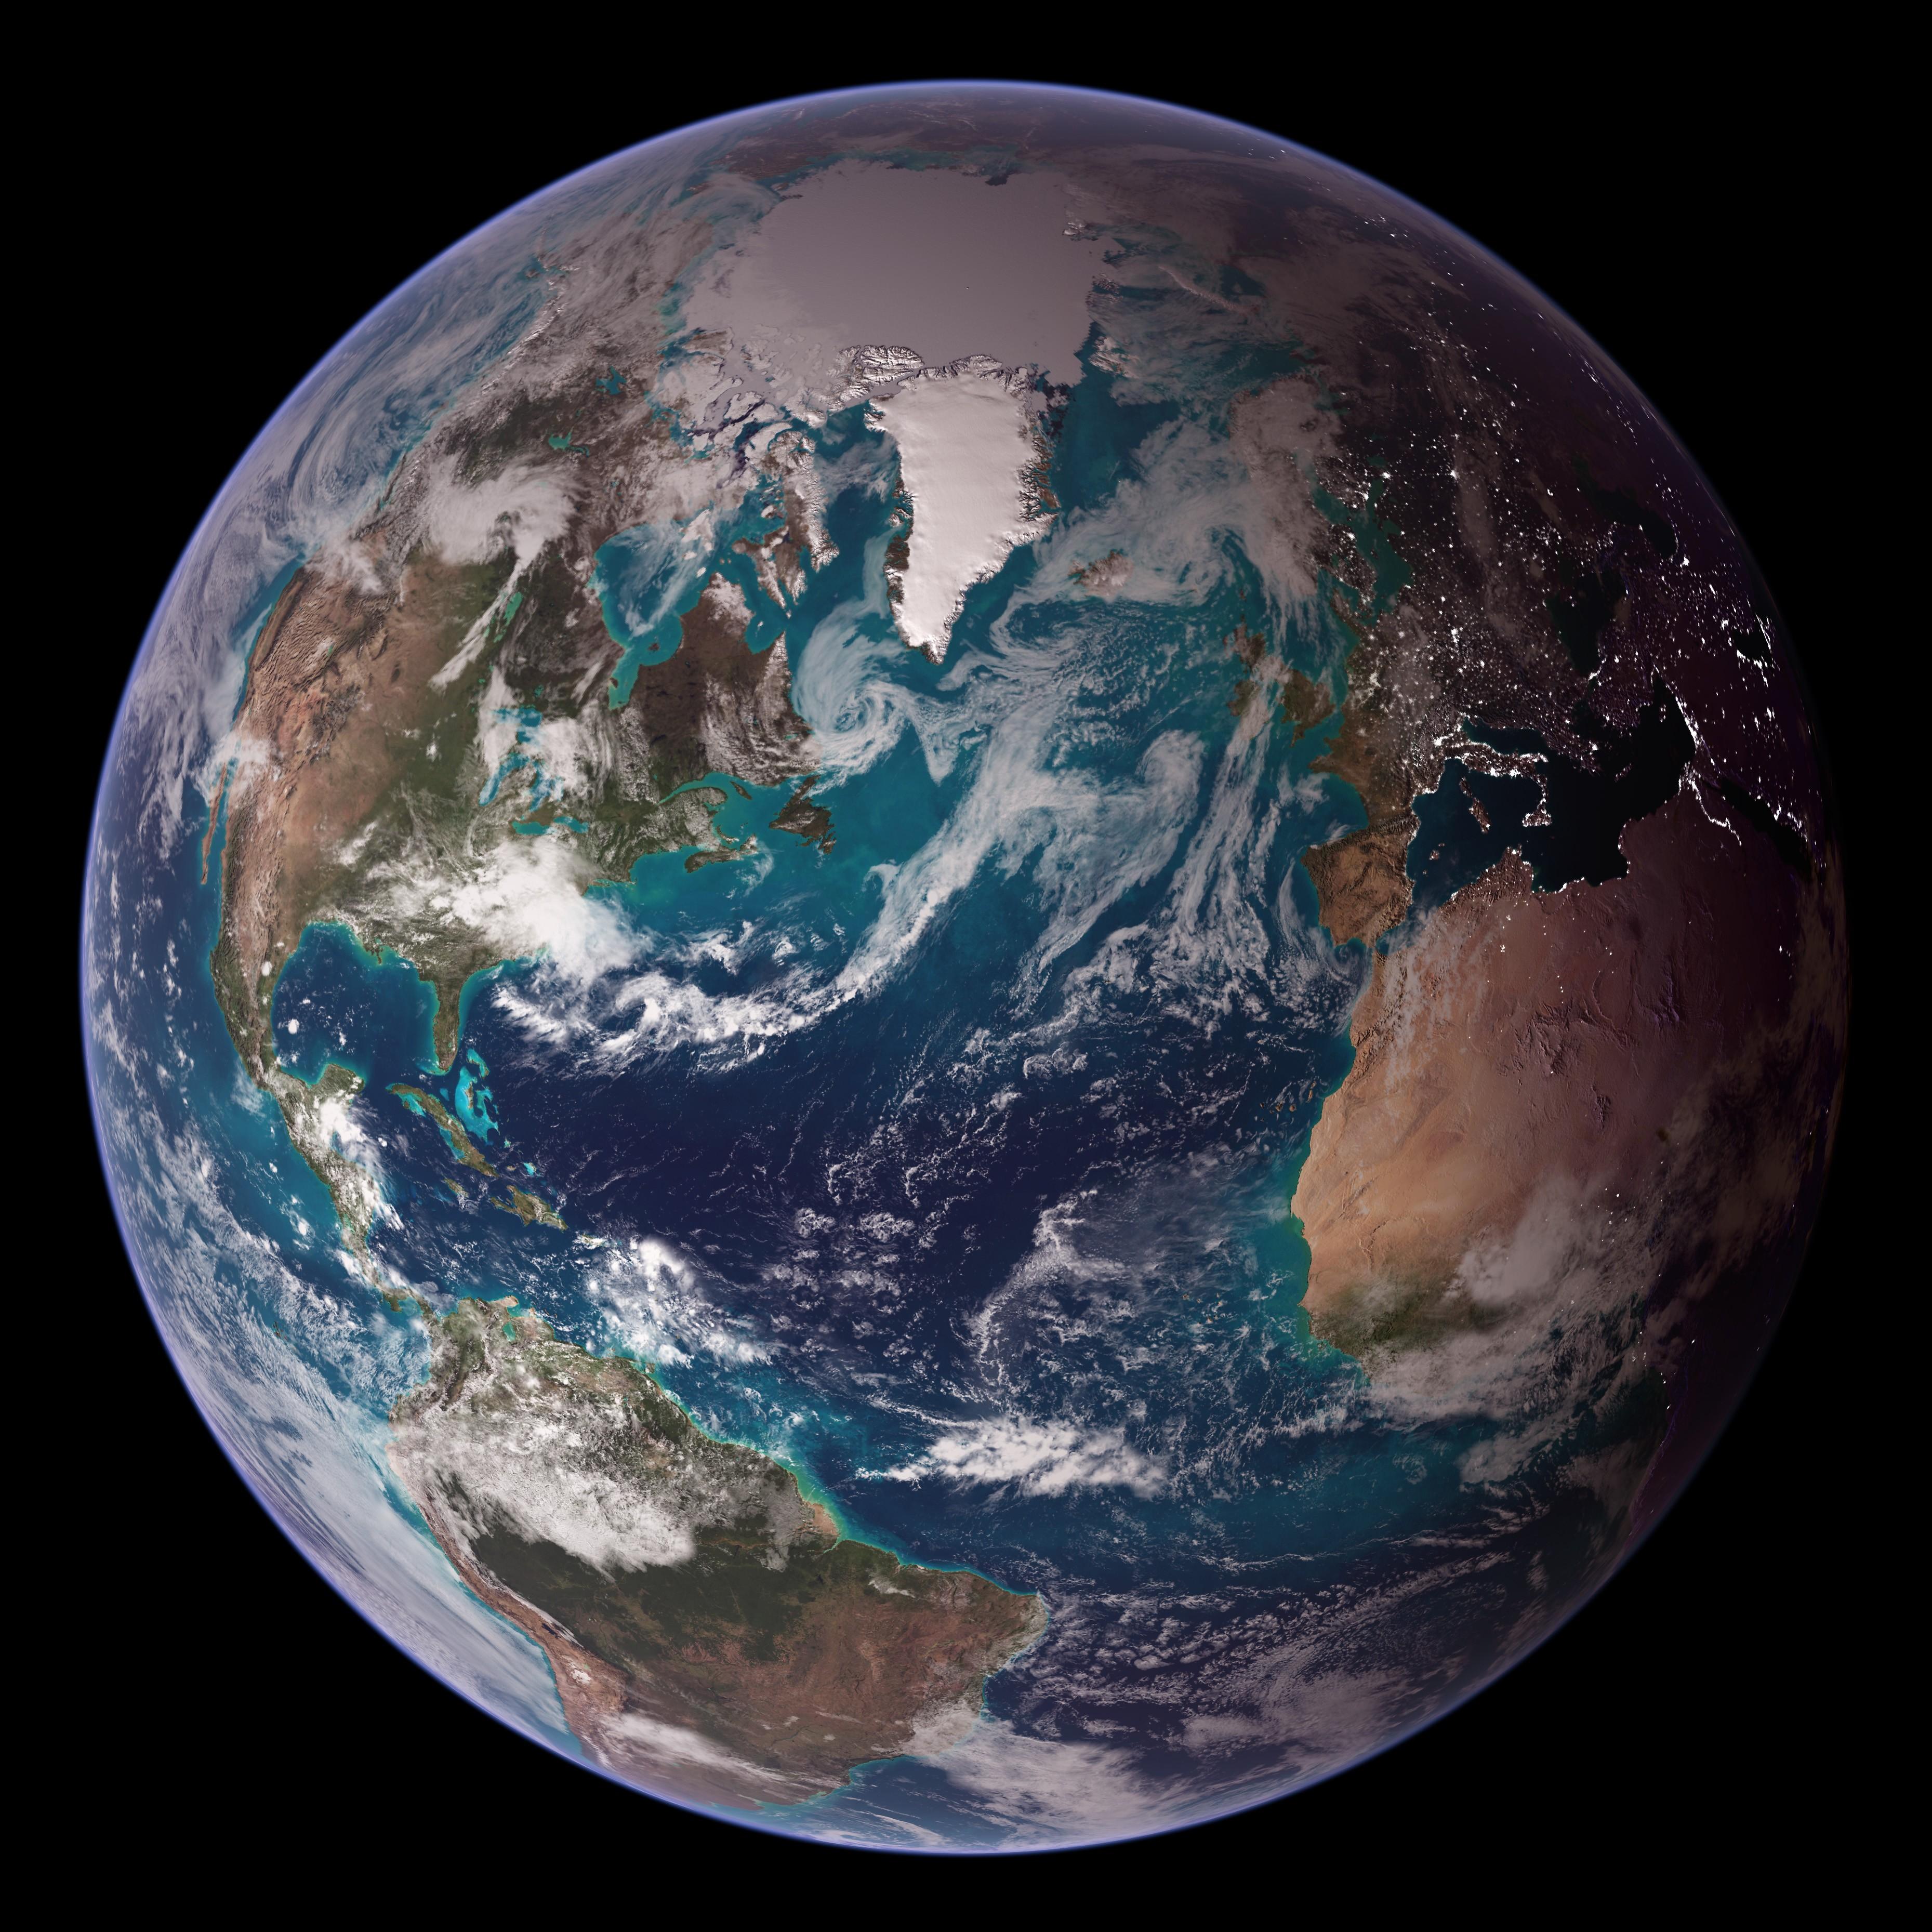 красивые картинки про землю новостройках бресте